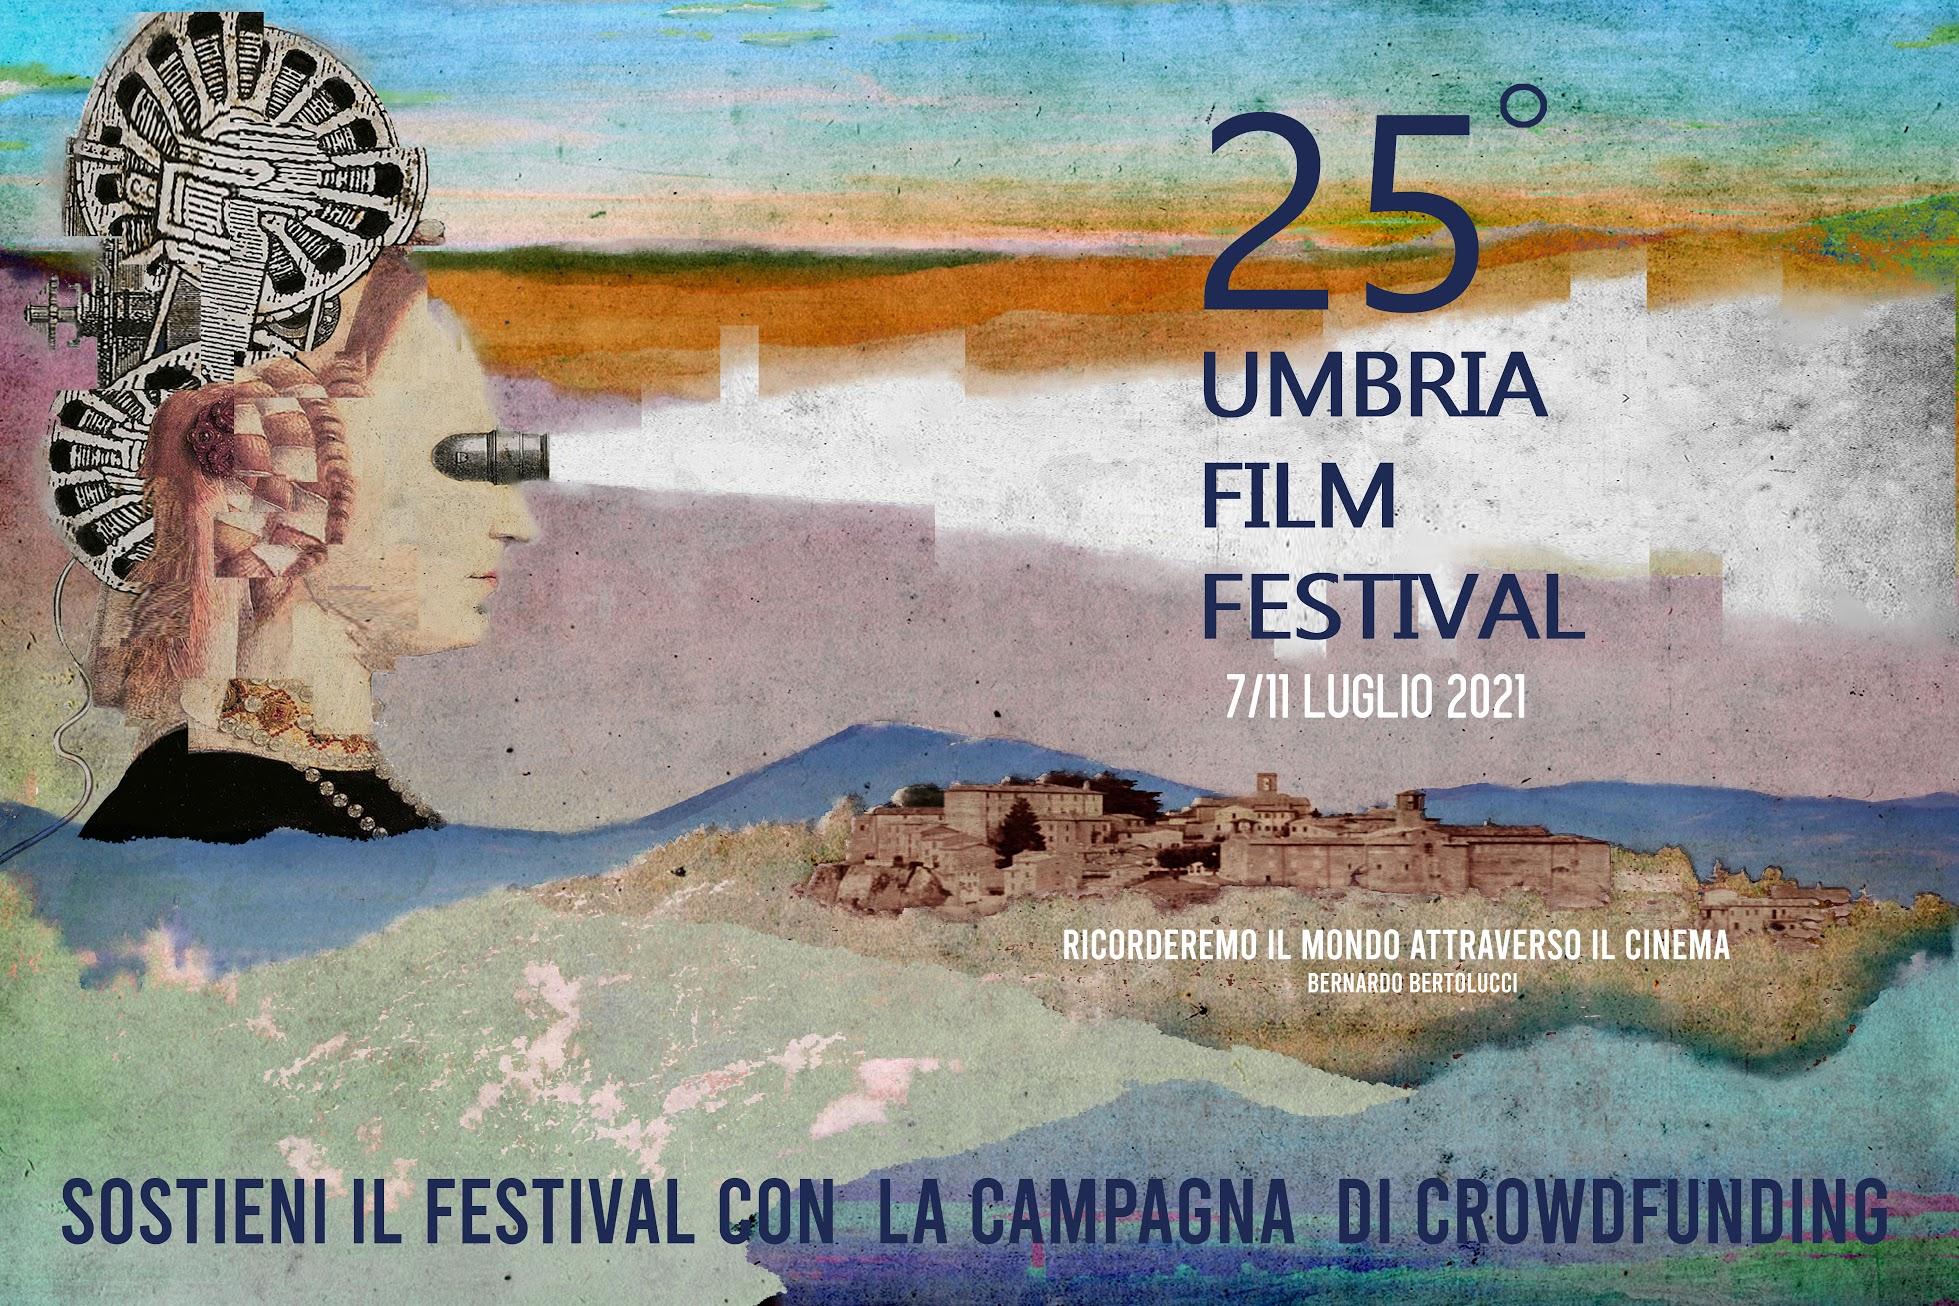 AL VIA LA CAMPAGNA DI CROWDFUNDING PER LA VENTICINQUESIMA EDIZIONE DELL'UMBRIA FILM FESTIVAL PRESIEDUTO DA TERRY GILLIAM